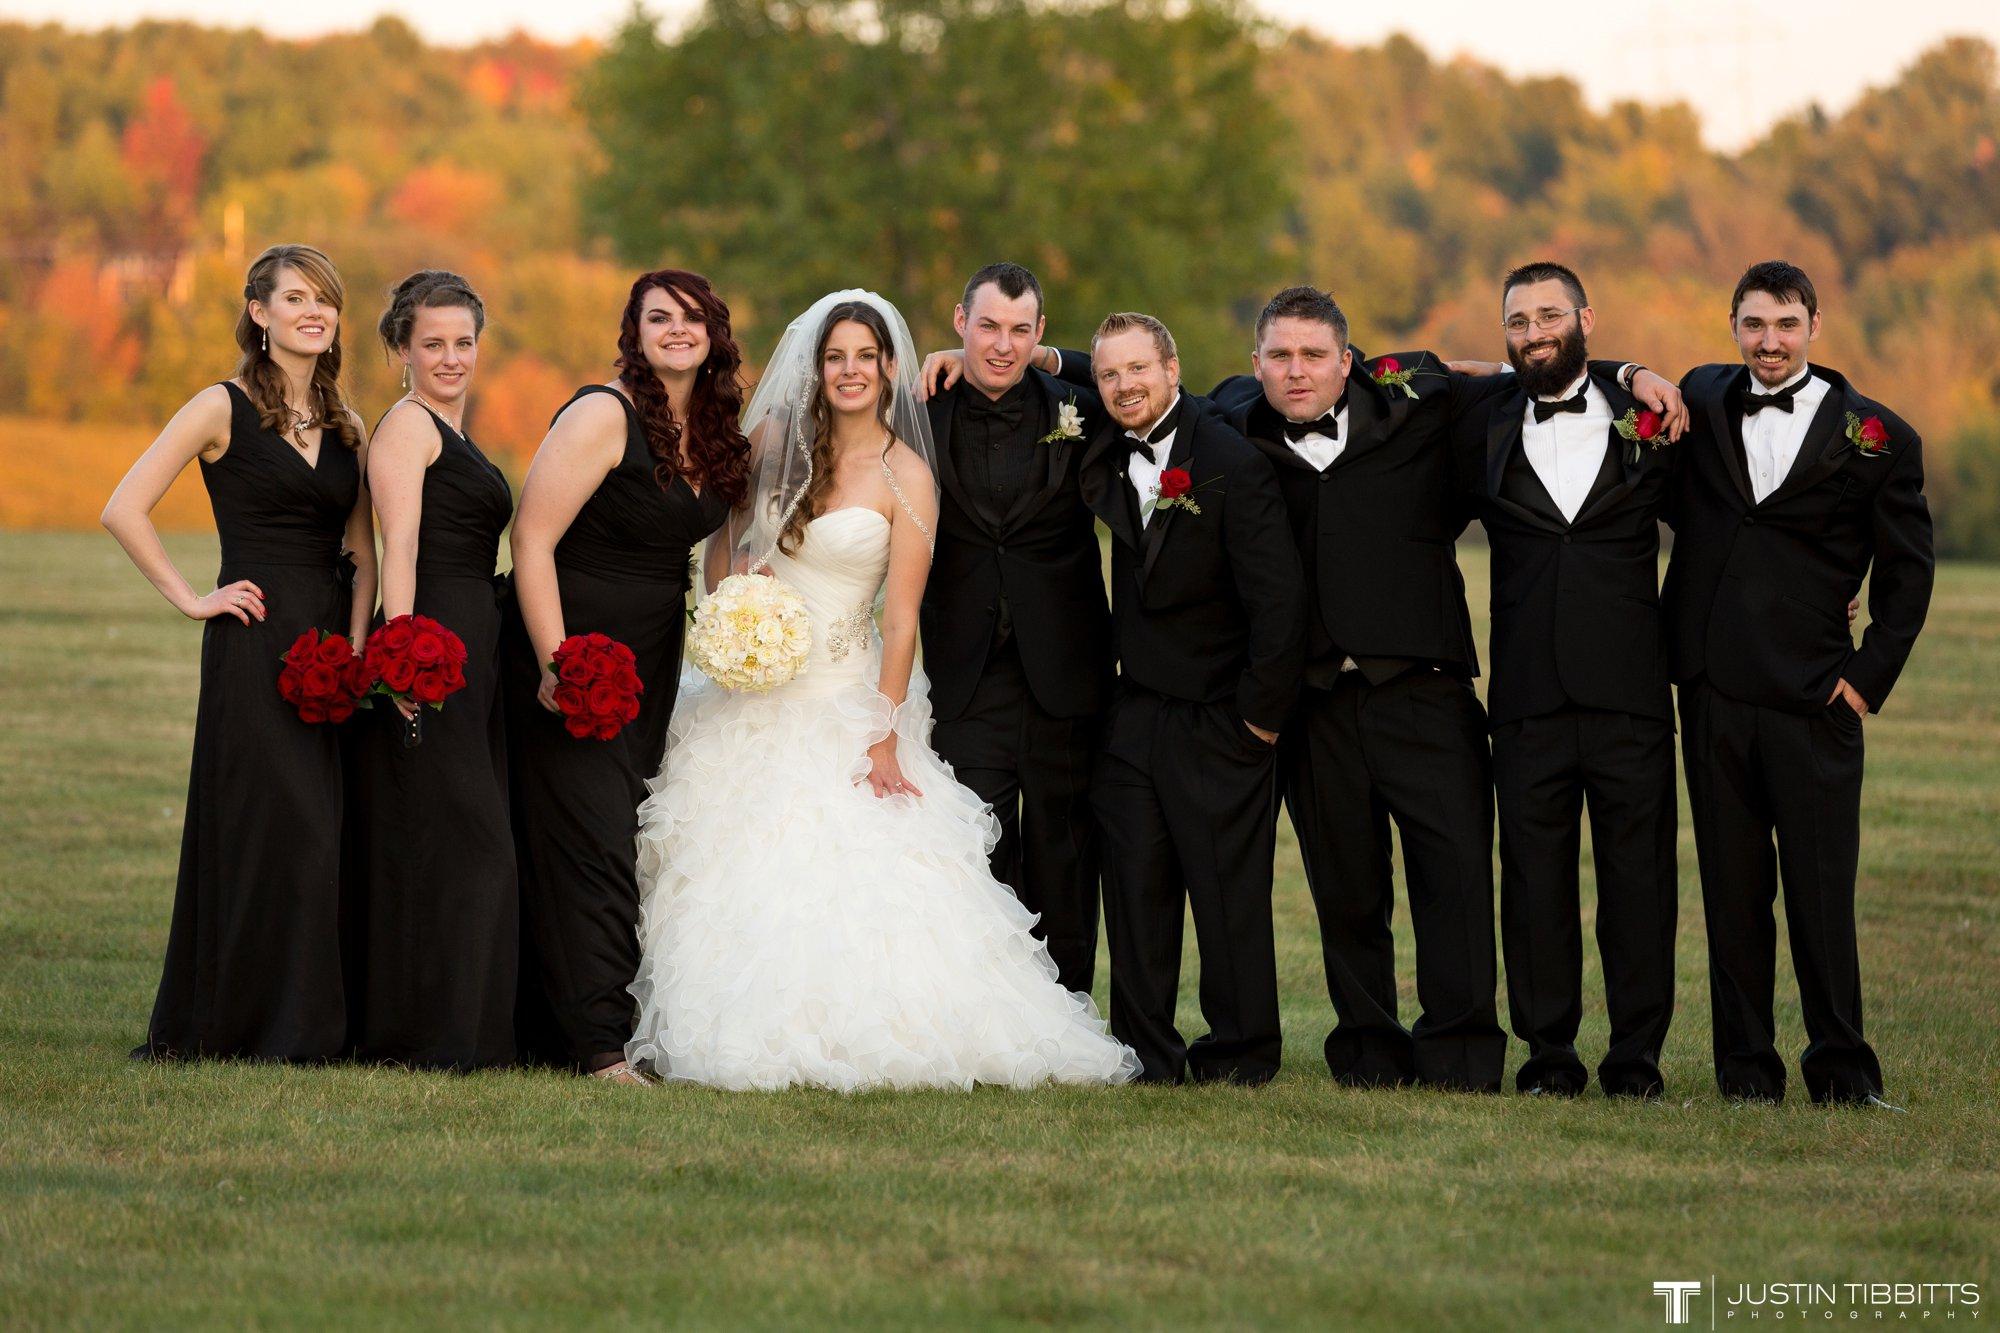 Albany NY Wedding Photographer Justin Tibbitts Photography 2014 Best of Albany NY Weddings-19828133